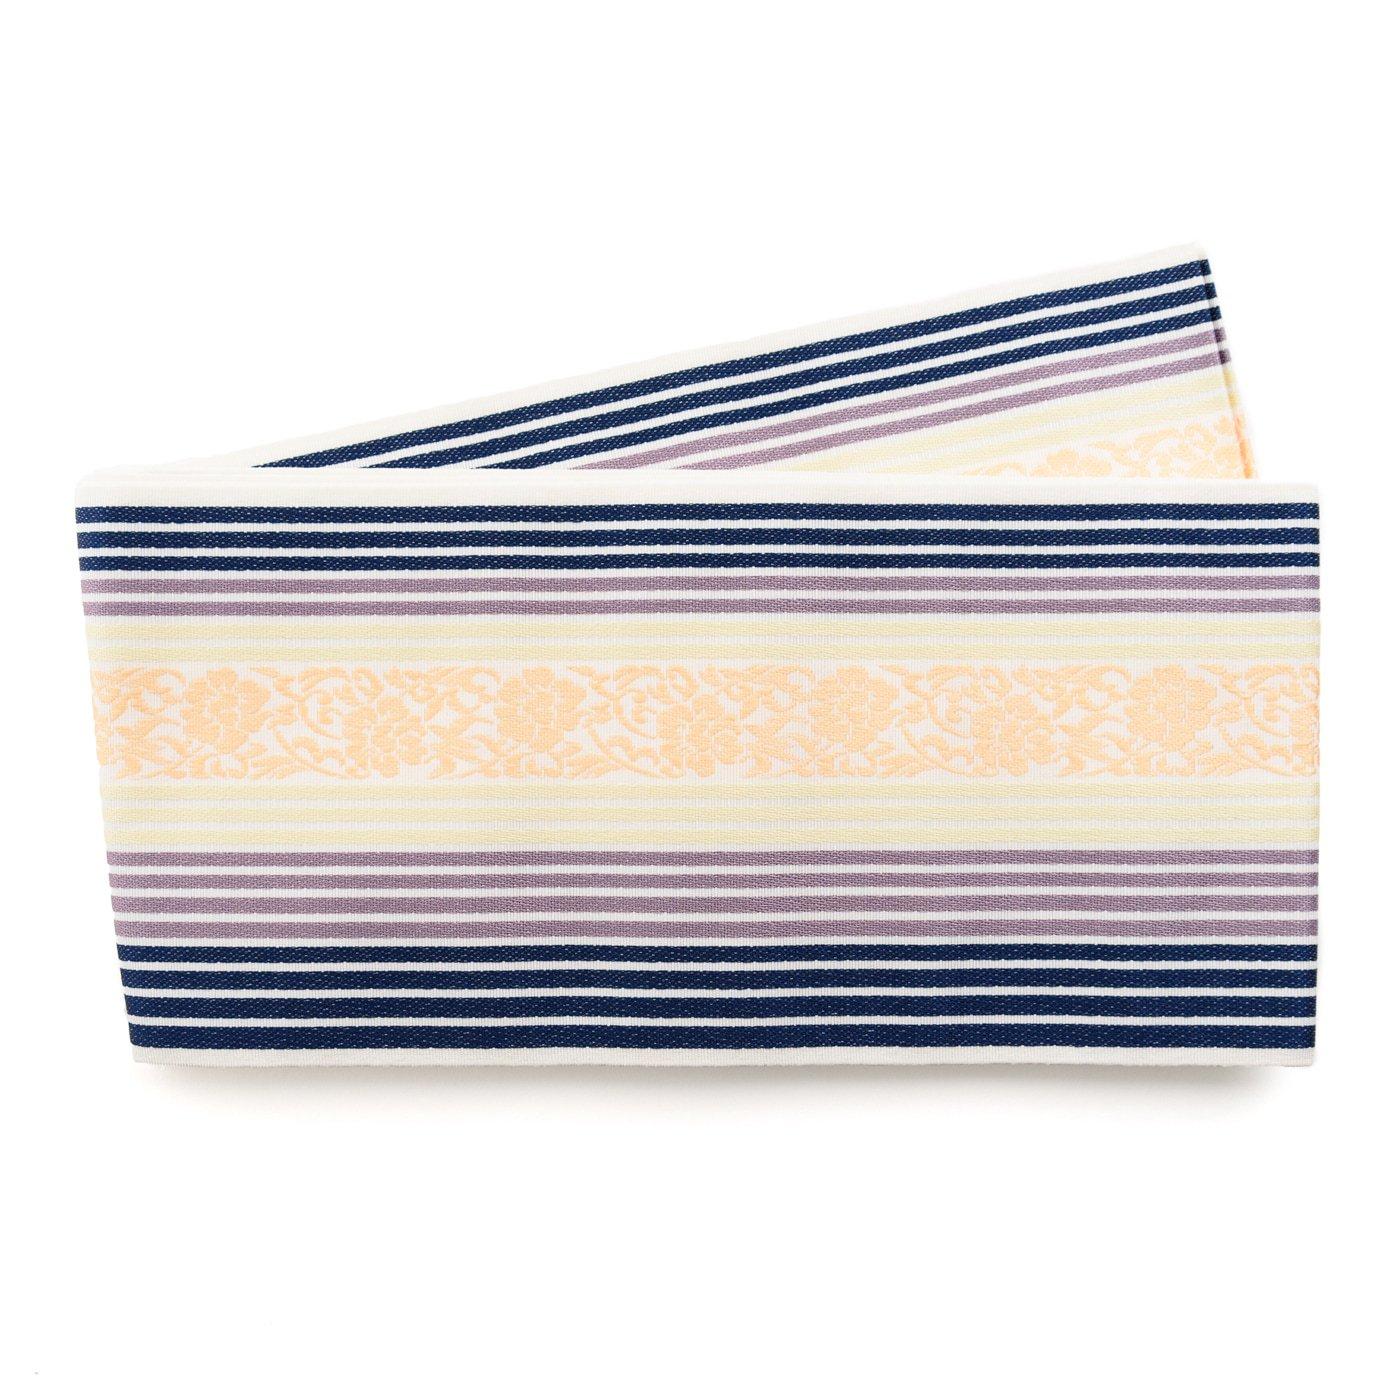 「博多小袋帯 三色細縞に唐花模様」の商品画像